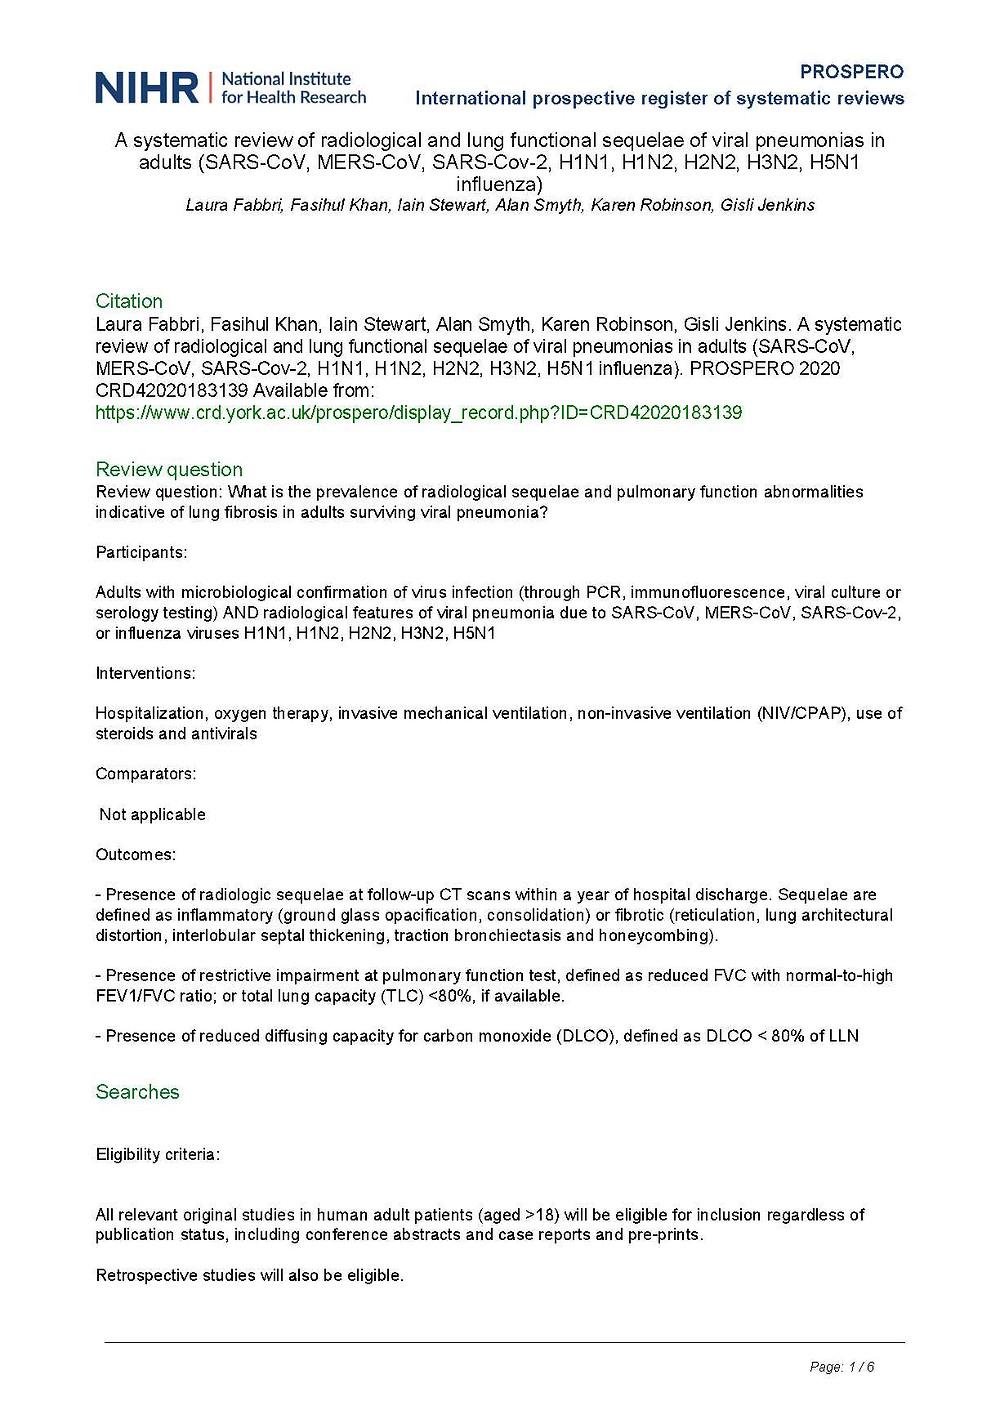 PROSPERO Protocol CRD42020183139